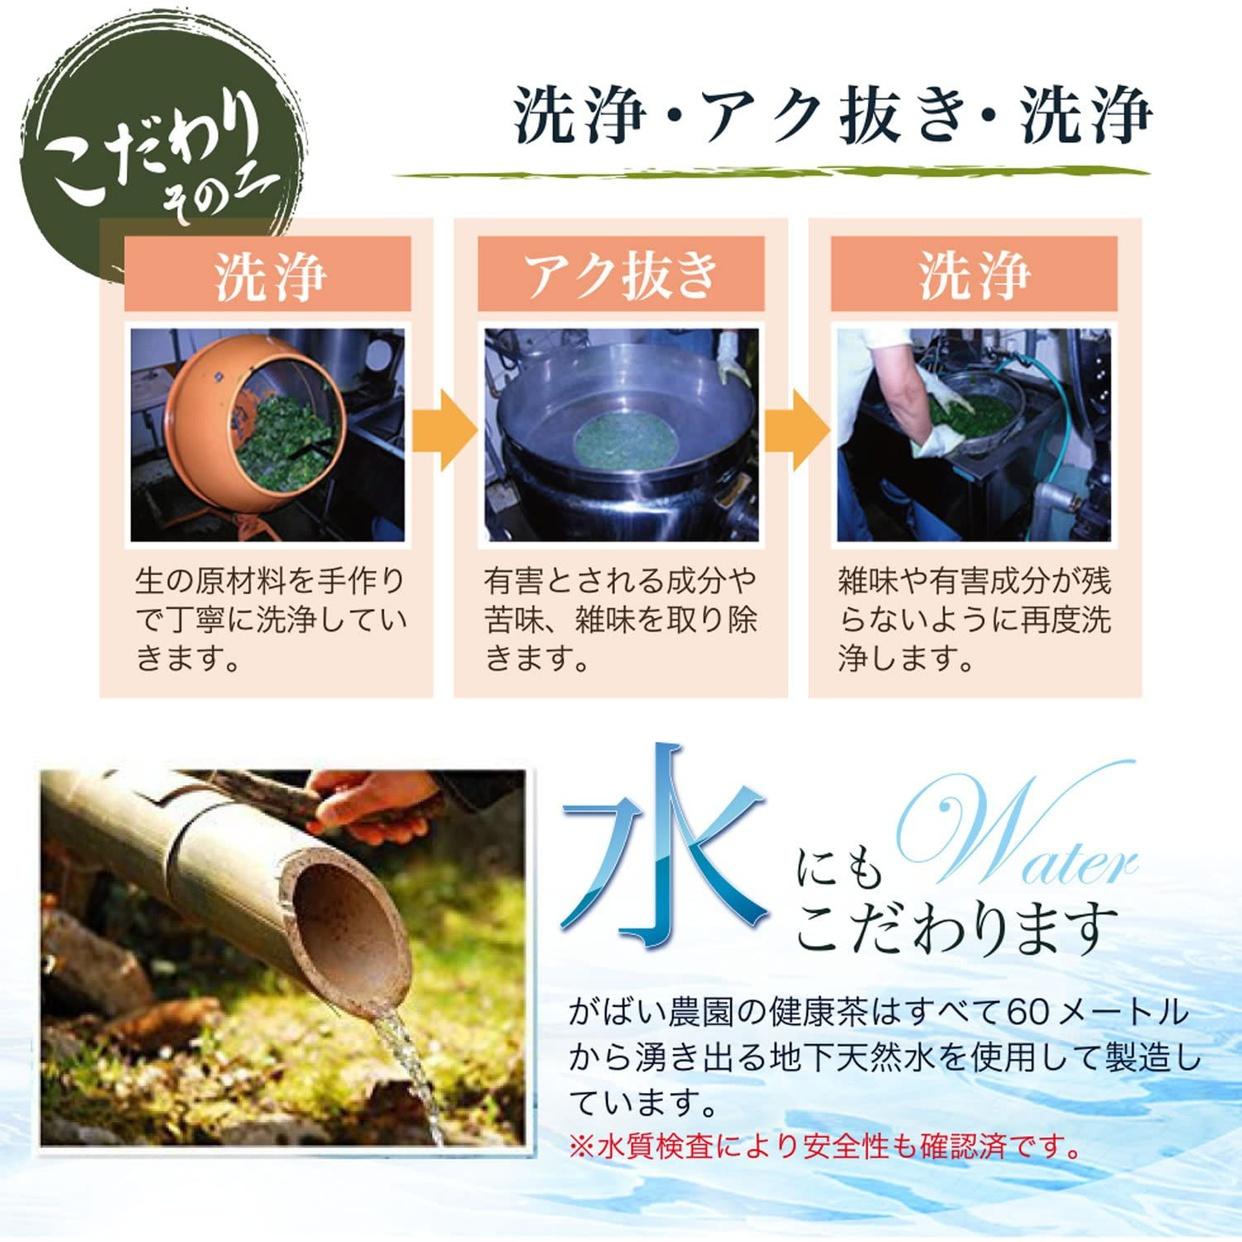 がばい農園 国産のすぎな茶の商品画像4